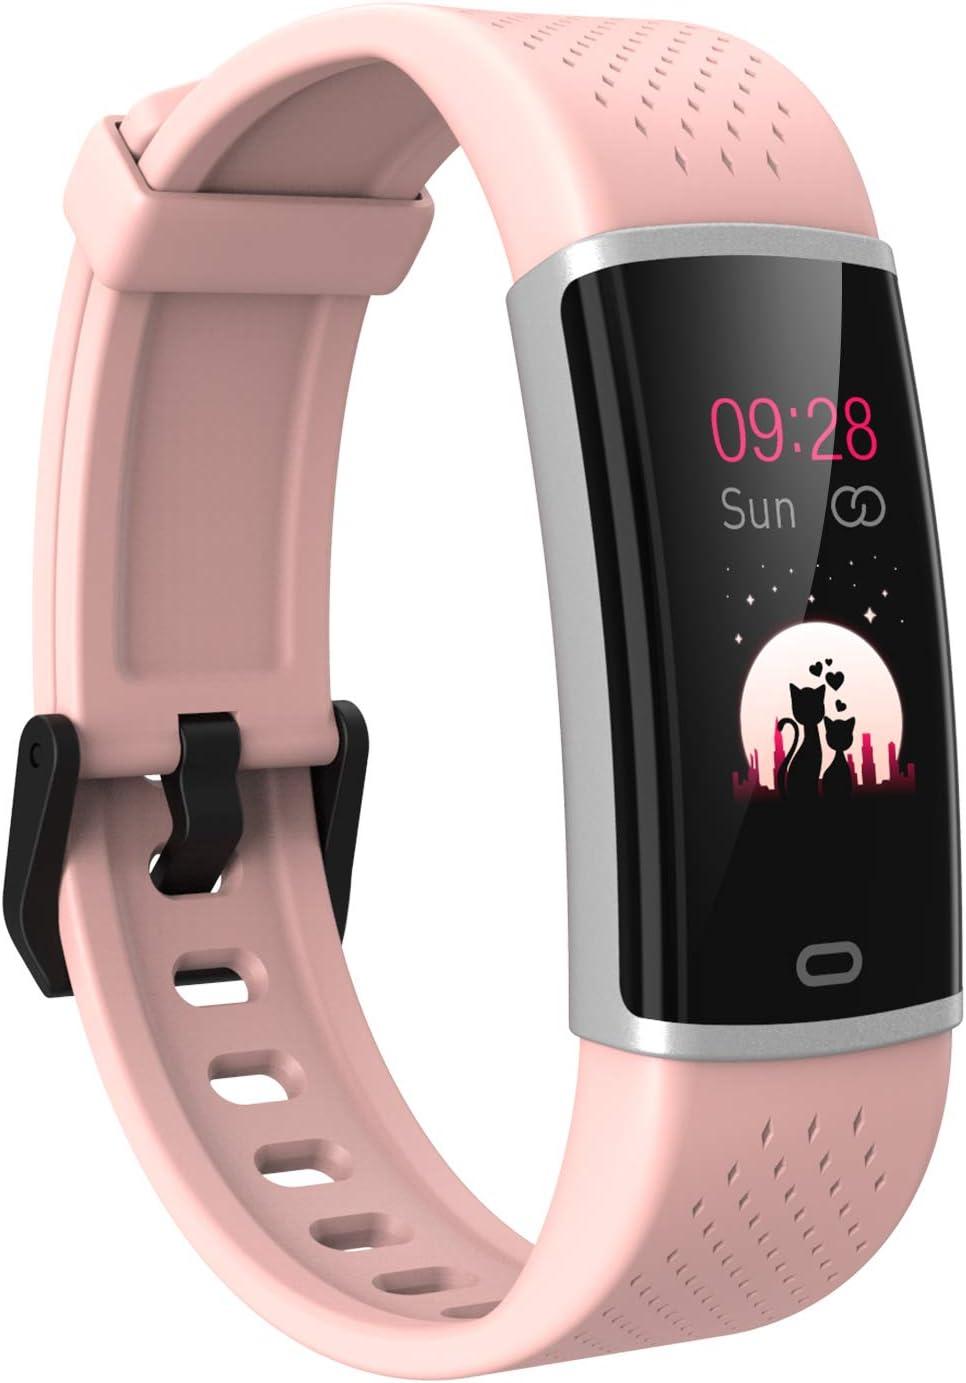 Fitpolo Fitness Tracker Pulsera de Actividad Inteligente Impermeable Paso Frecuencia cardíaca Contador de calorías Monitor de sueño Podómetro Reloj Inteligente para Mujeres Hombres Niños …